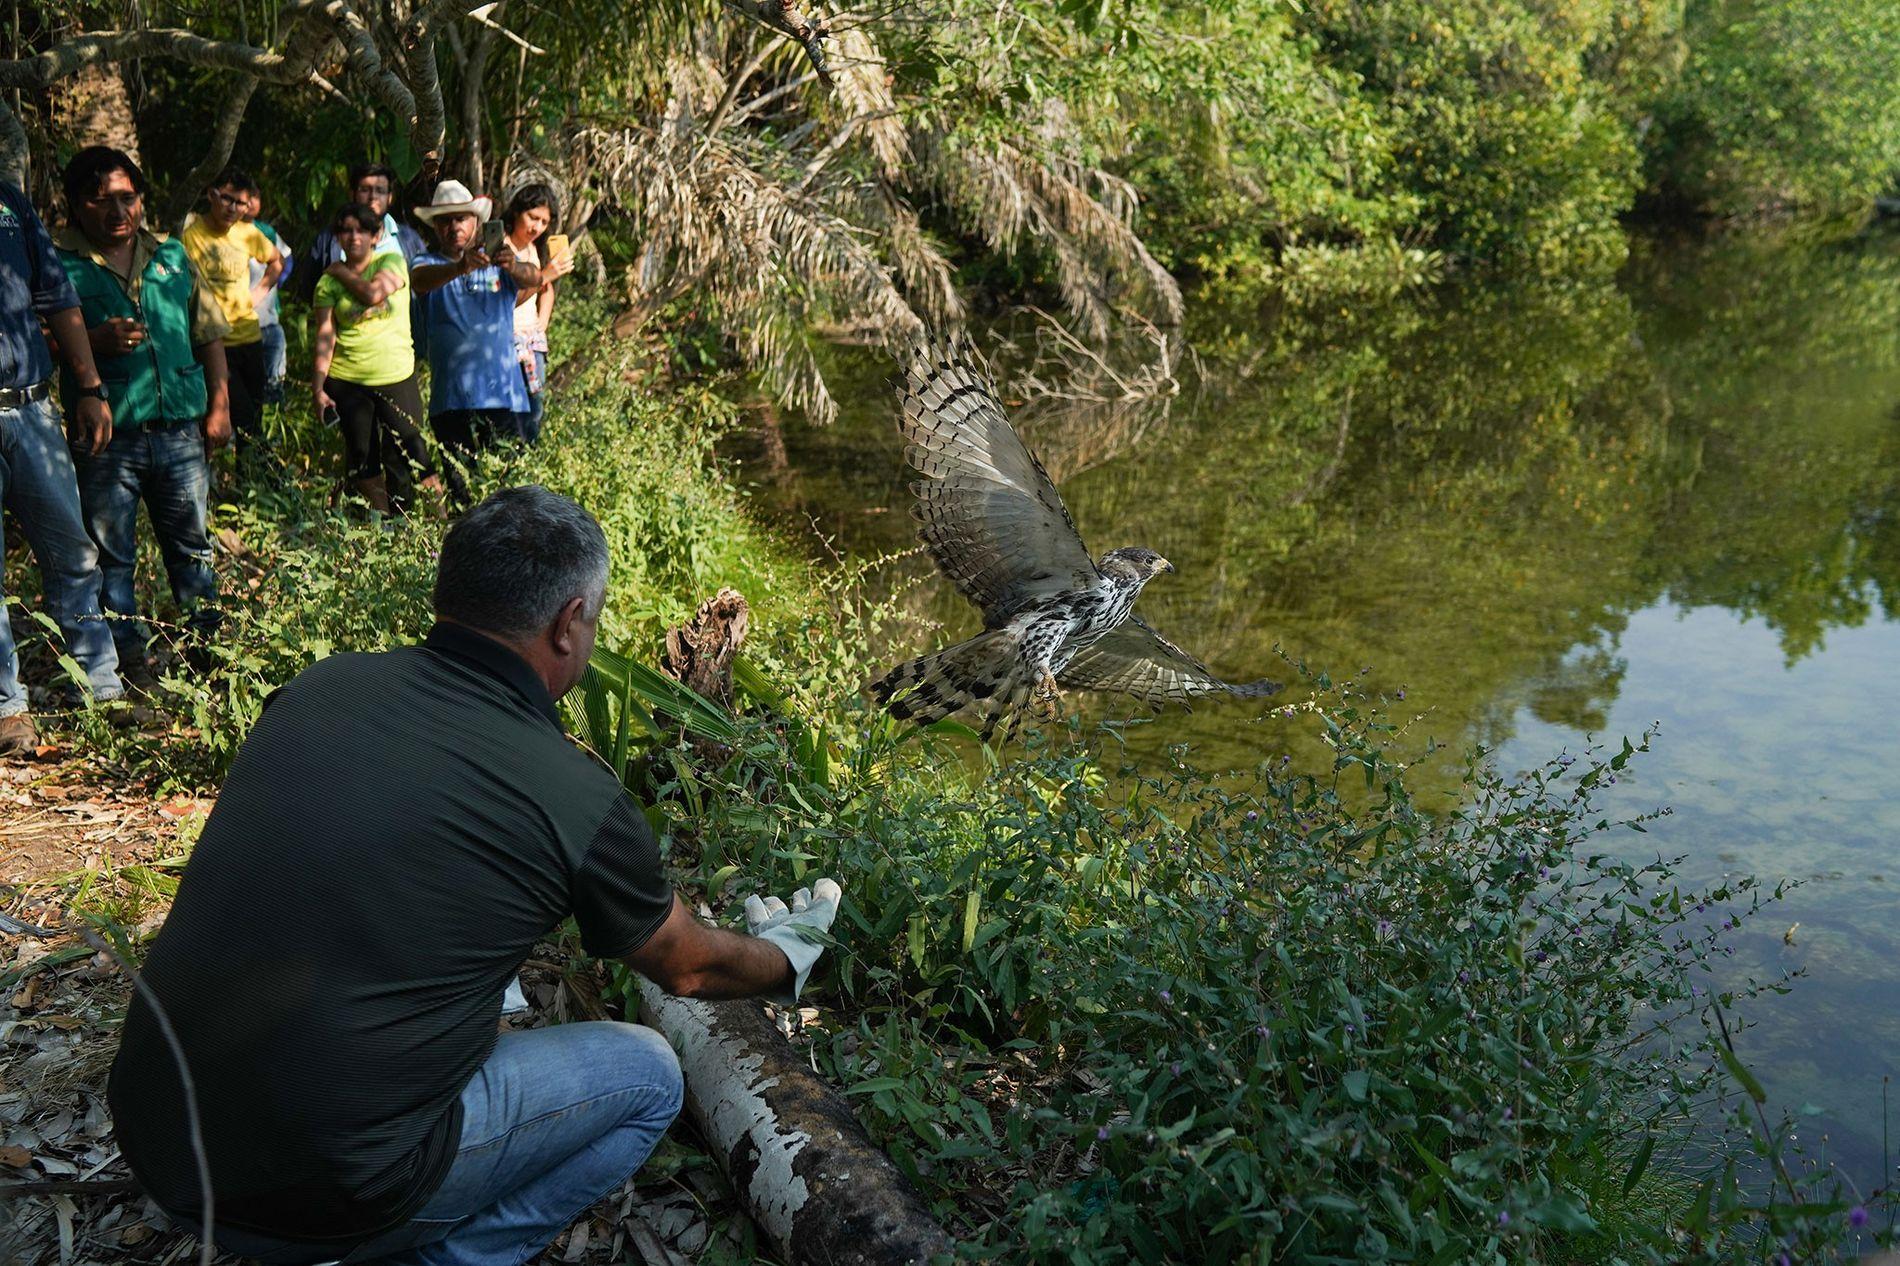 El personal del centro de rescate de Aguas Calientes, junto a las autoridades del gobierno, ponen ...